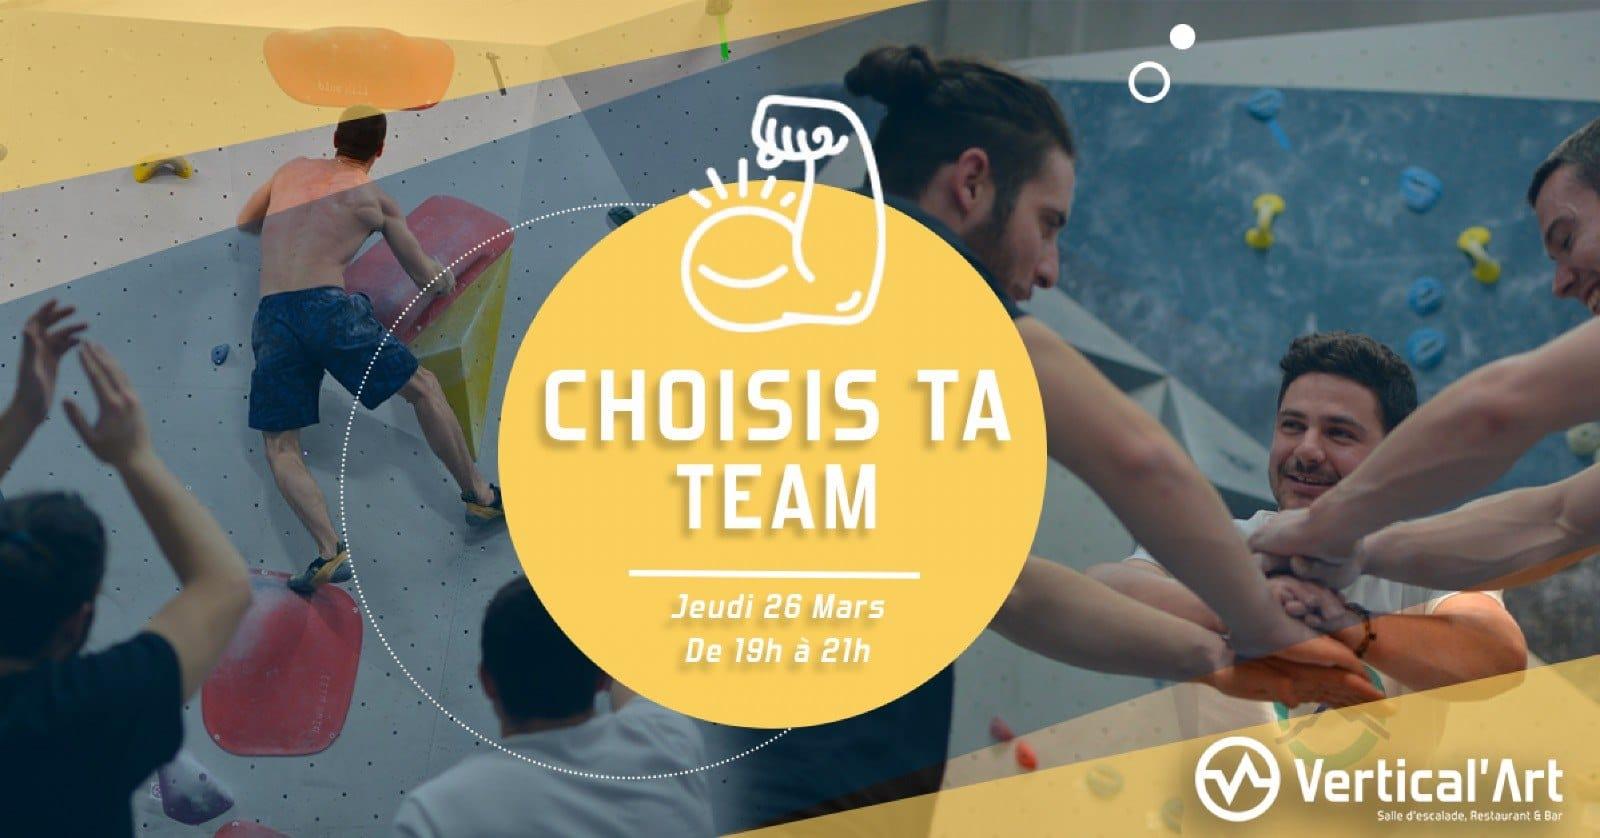 Choisis ta team Vertical'Art Rungis - petit contest en équipe - Val de Marne - Événement signature -